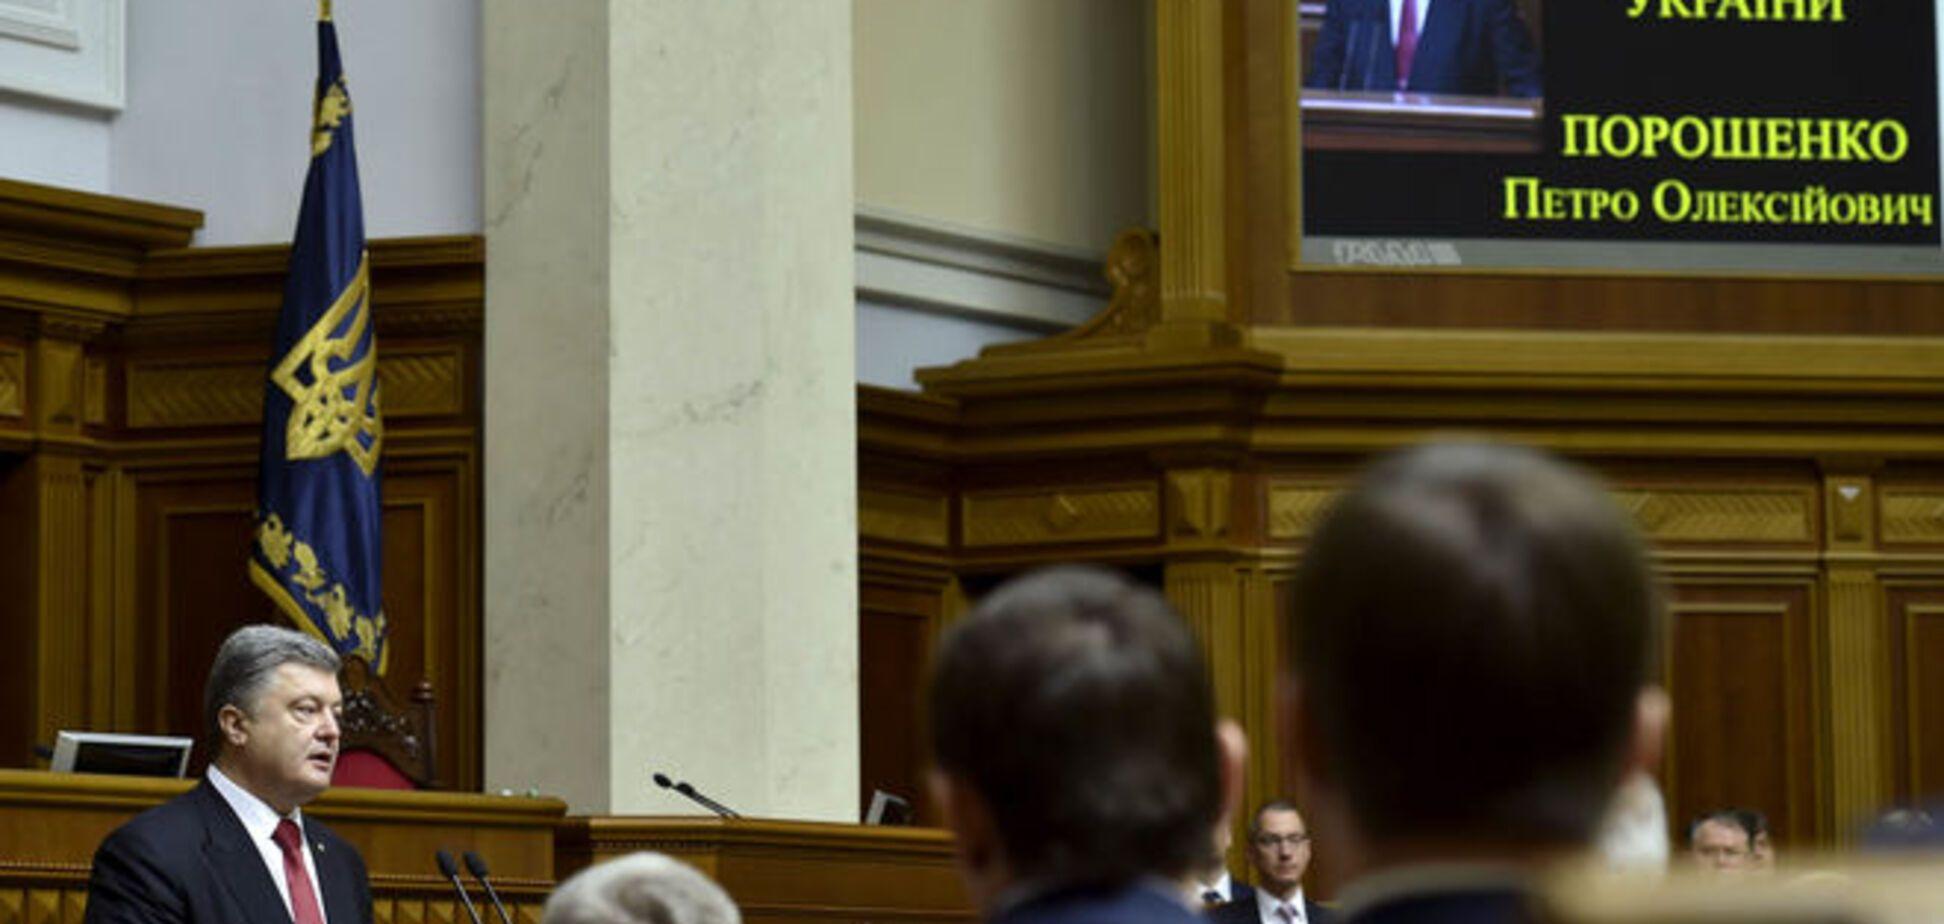 Послание Порошенко к Раде: топ-10 главных заявлений Президента